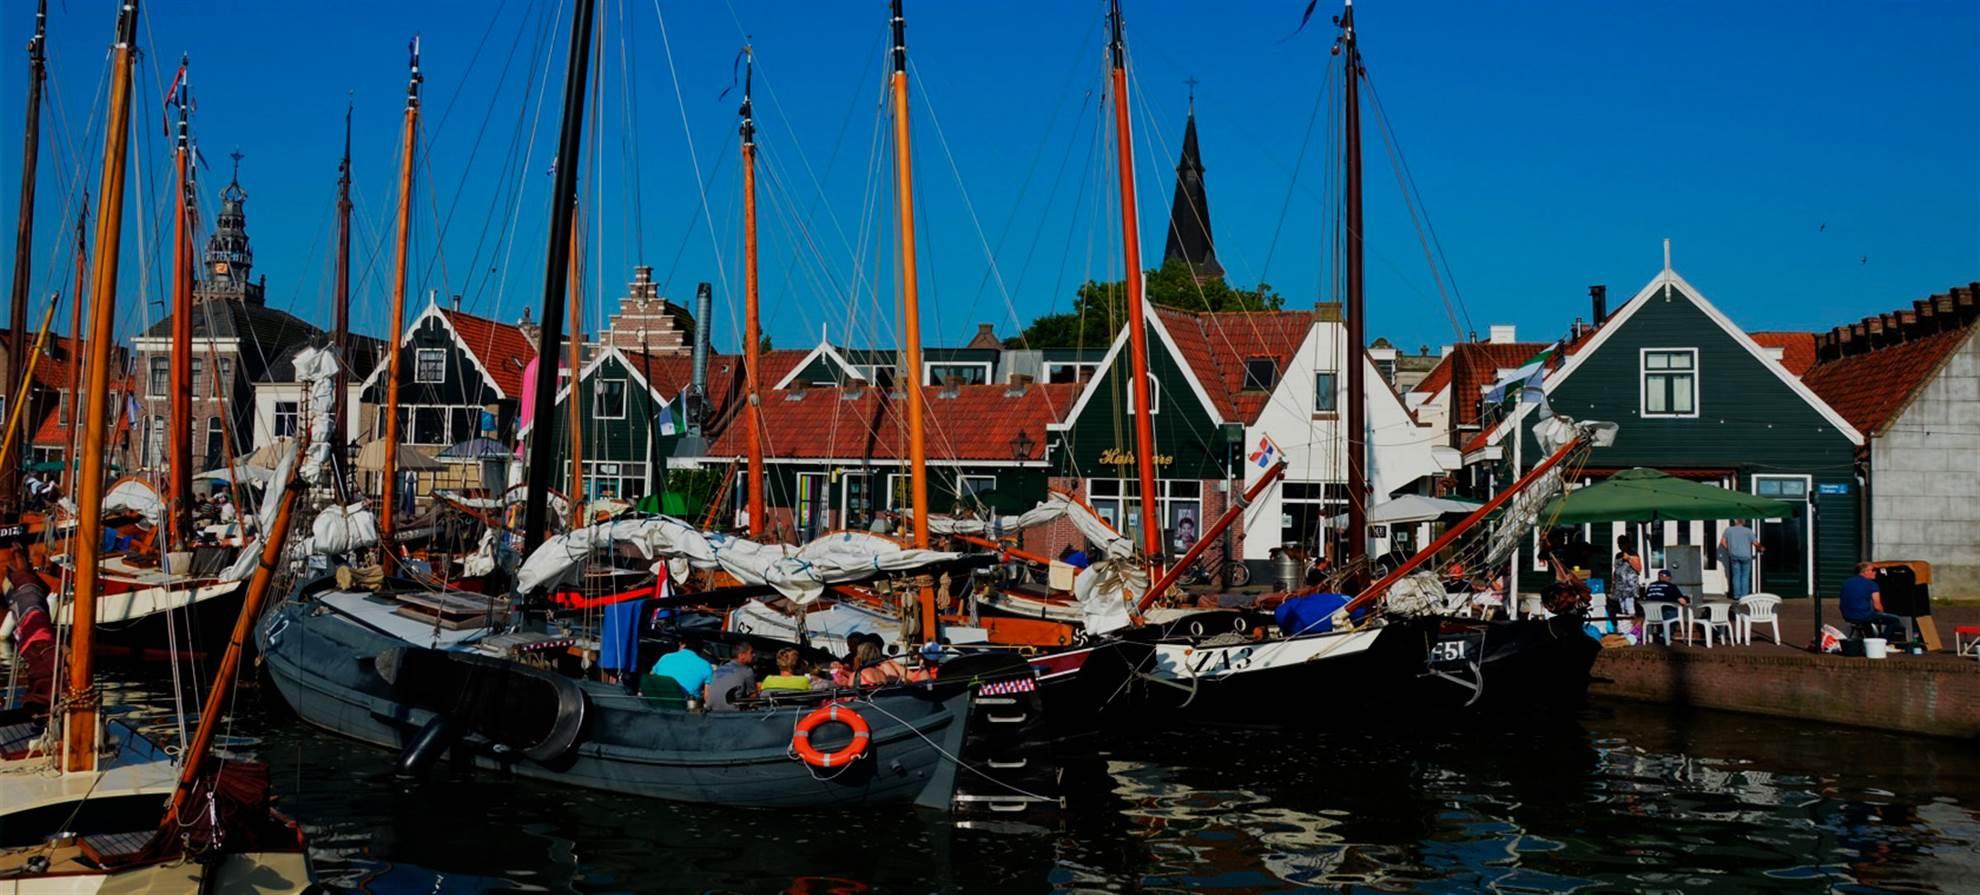 Volendam, Marken et Zaanse Schans